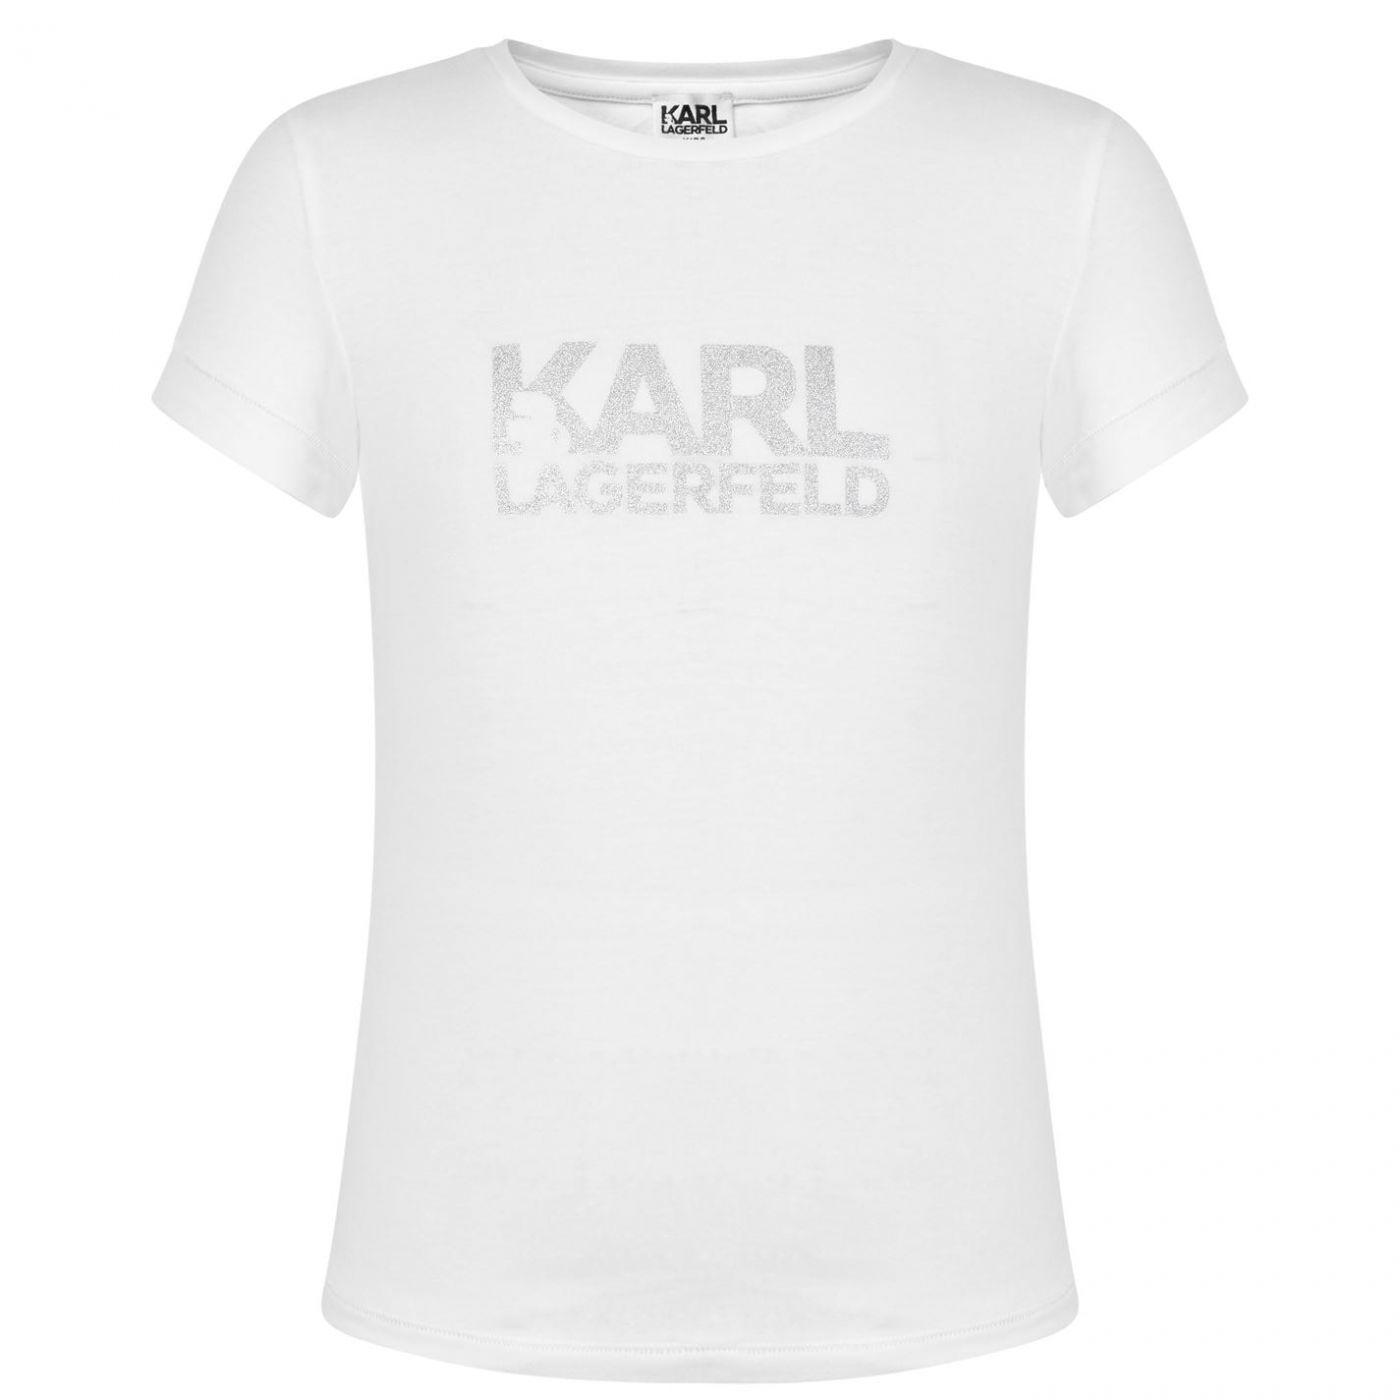 Karl Lagerfeld Girls Logo Short Sleeve T Shirt